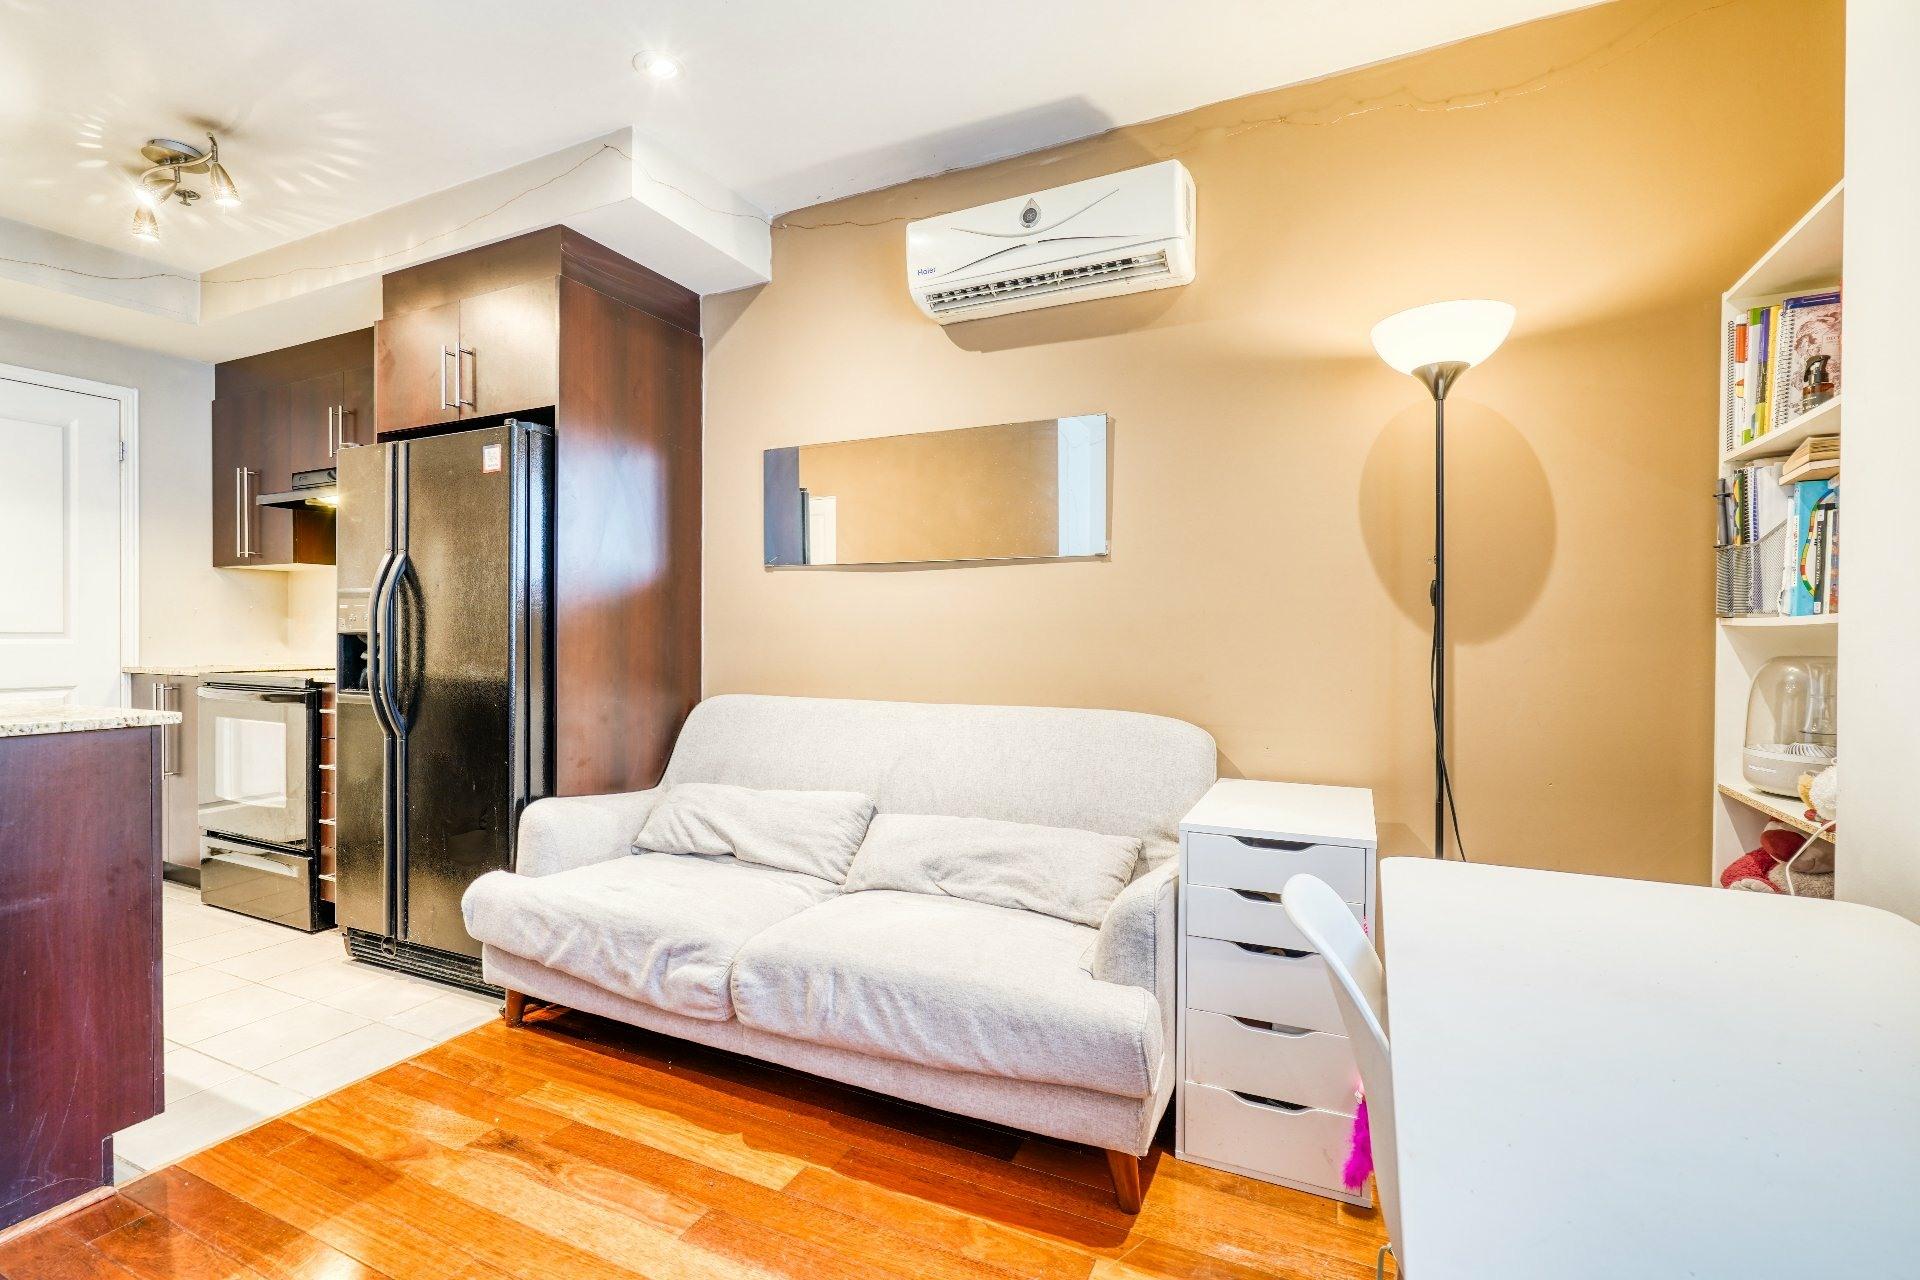 image 10 - Appartement À vendre Le Plateau-Mont-Royal Montréal  - 3 pièces